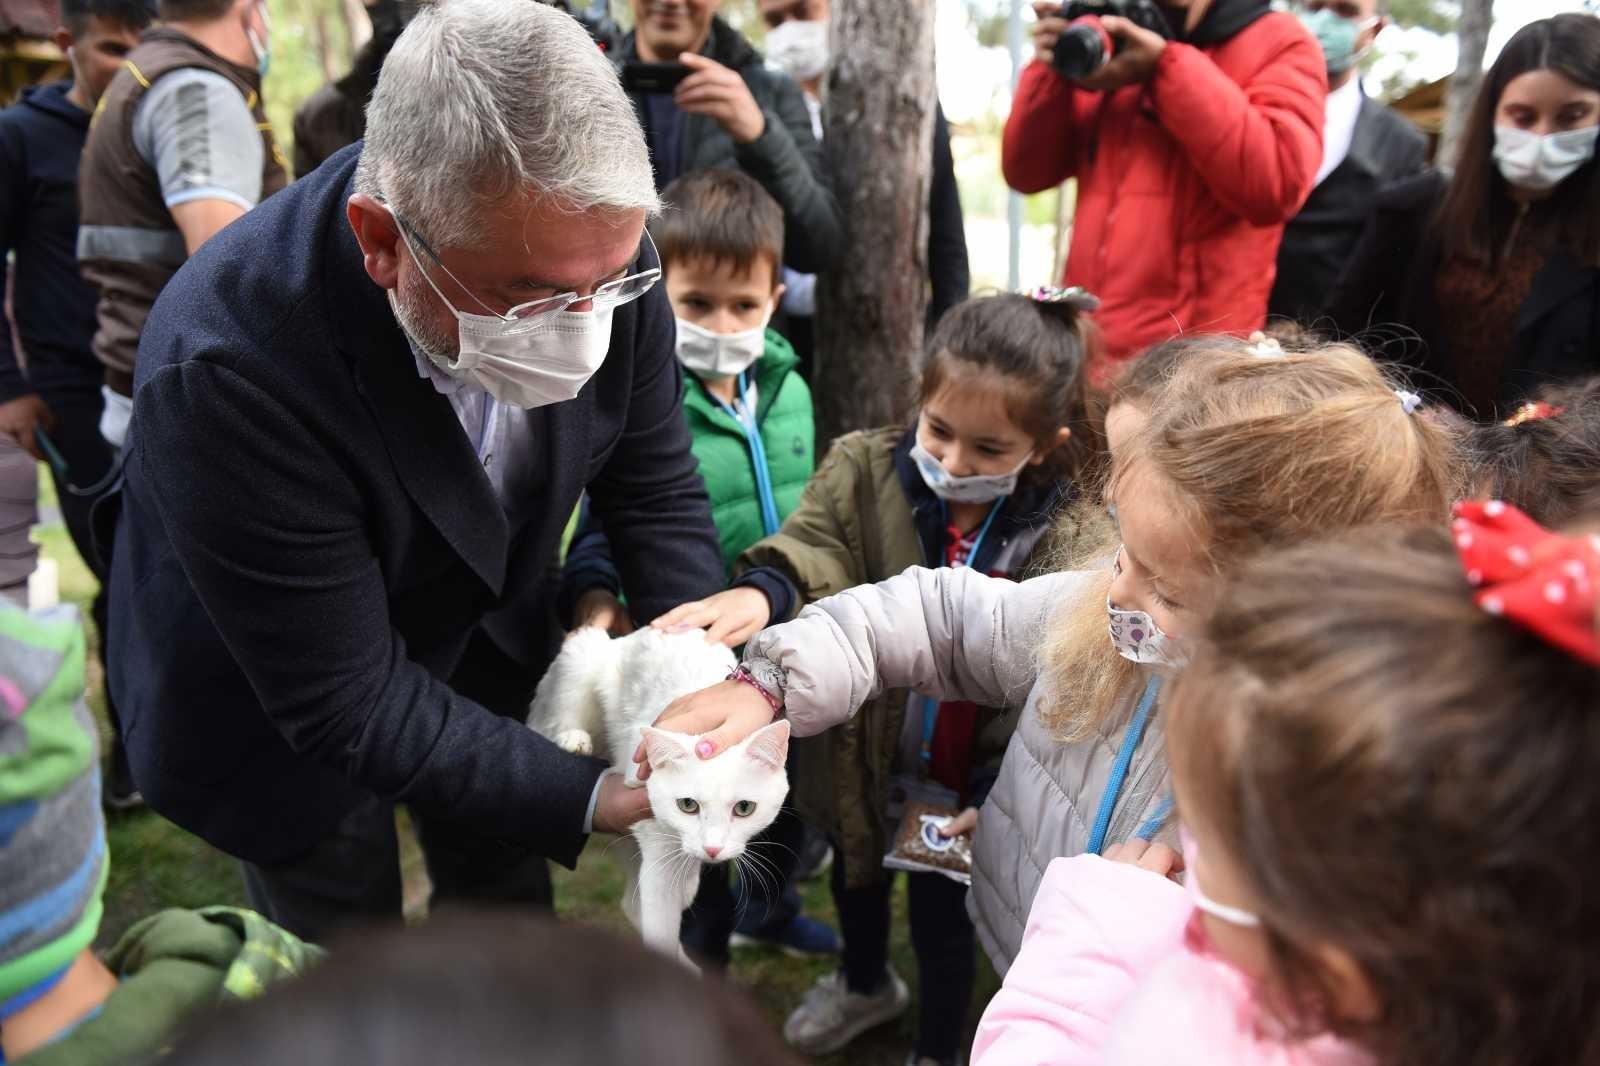 Çorum Belediyesi'nden 4 Ekim hayvanları koruma günü etkinliği #corum